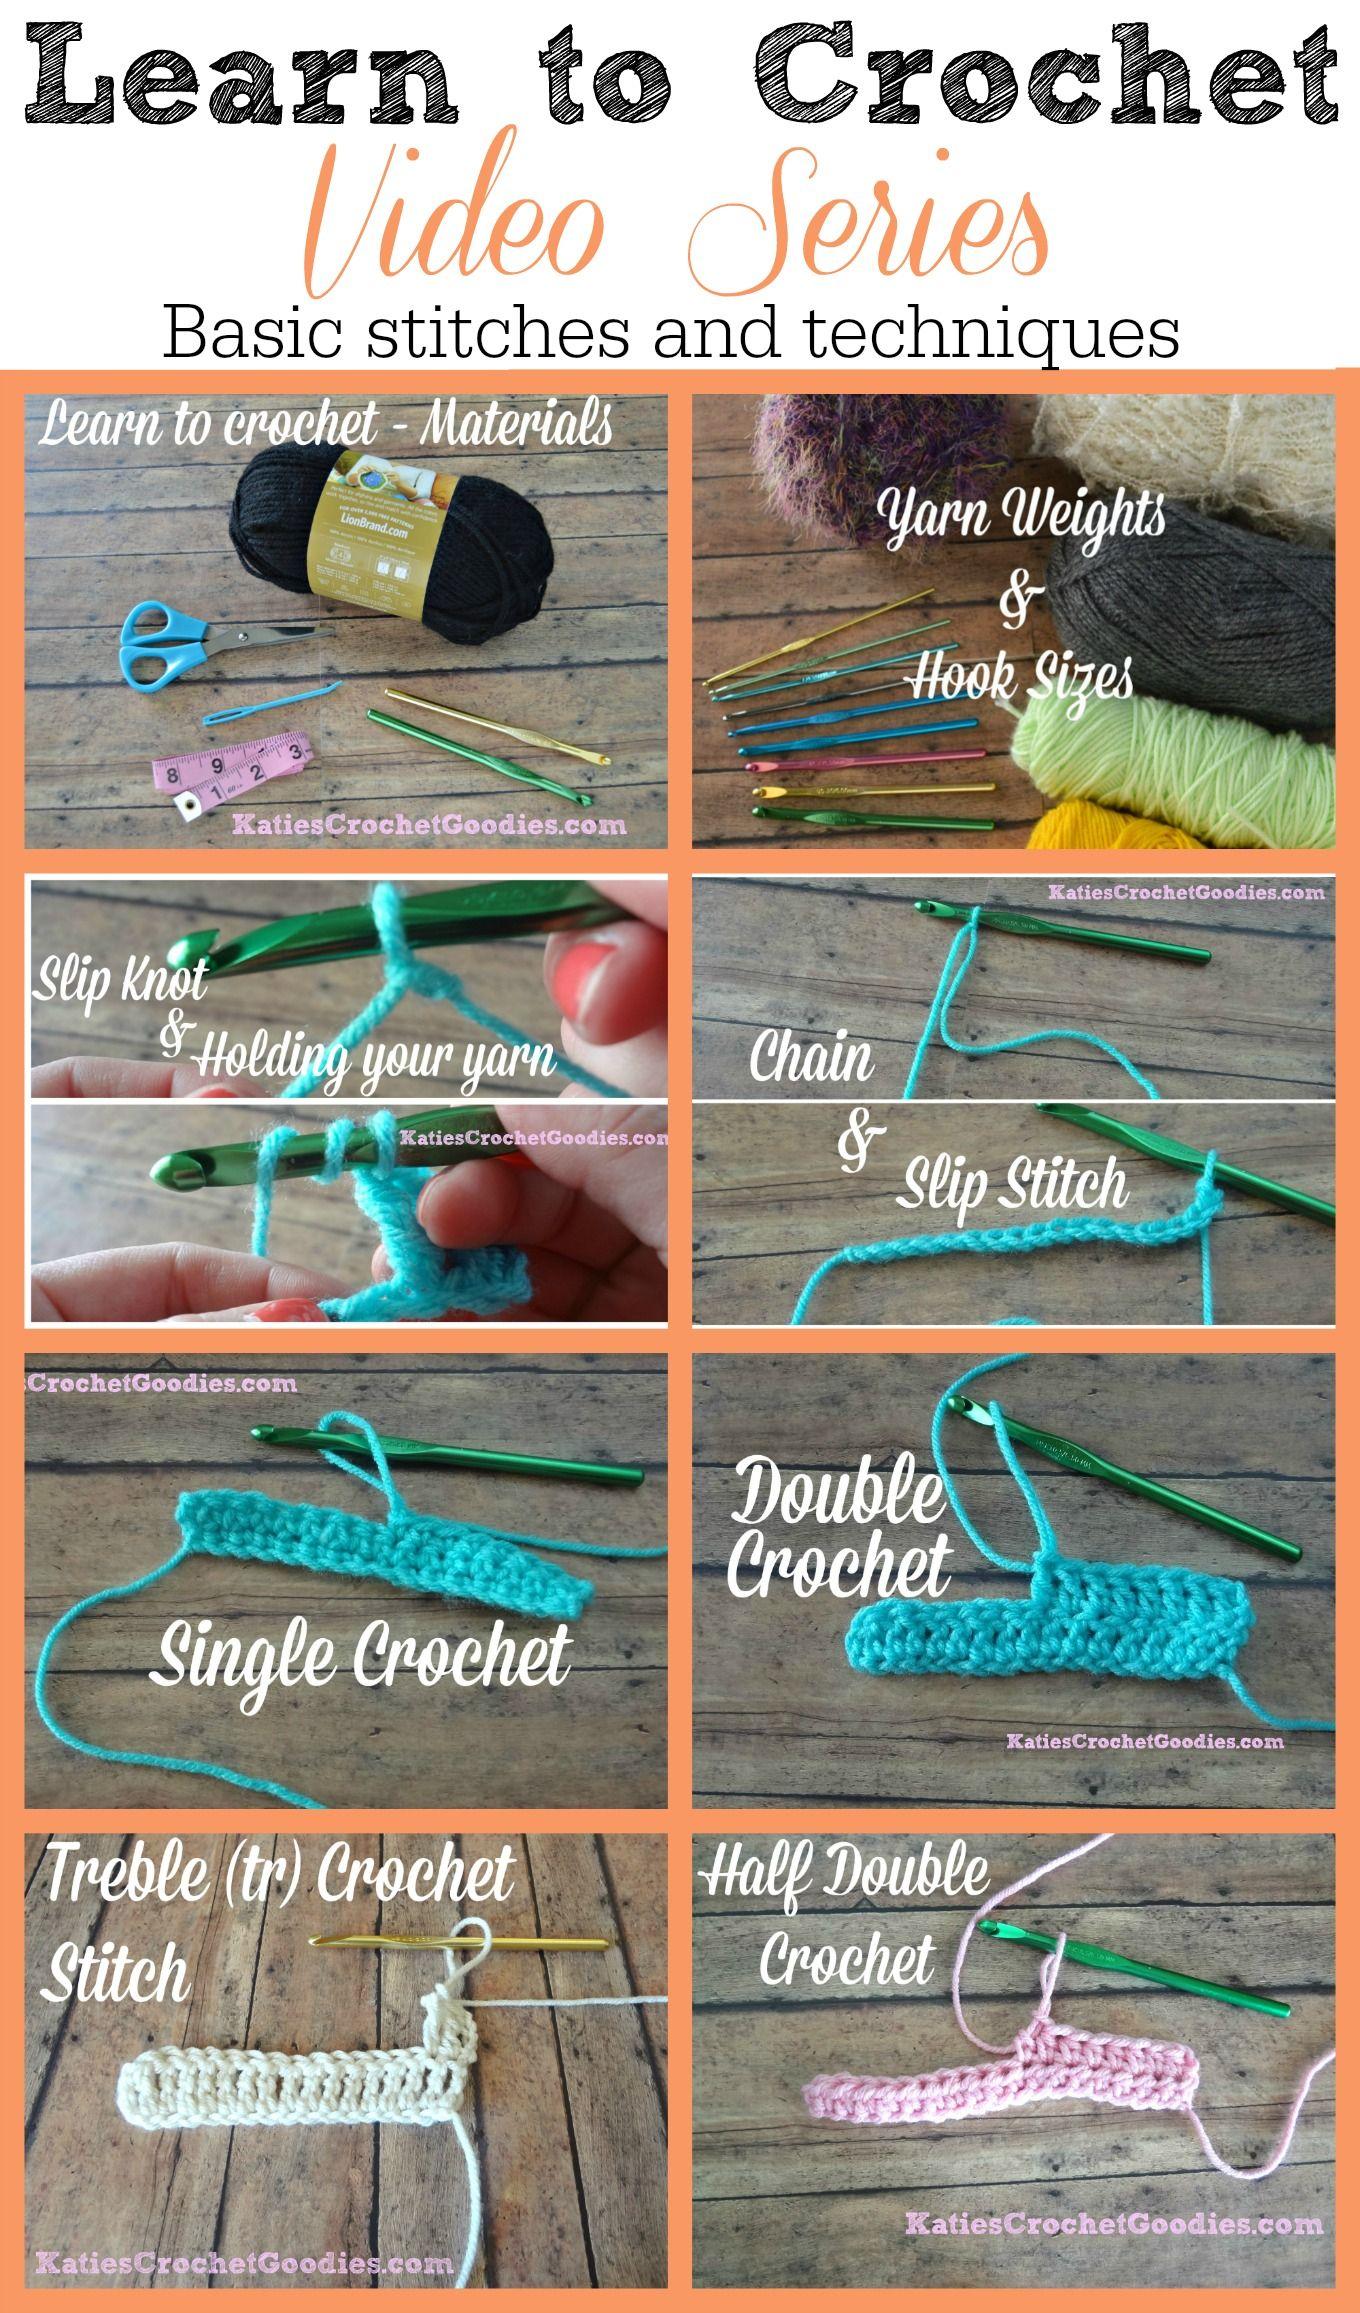 les 25 meilleures id es de la cat gorie apprendre crochet sur pinterest apprendre le crochet. Black Bedroom Furniture Sets. Home Design Ideas